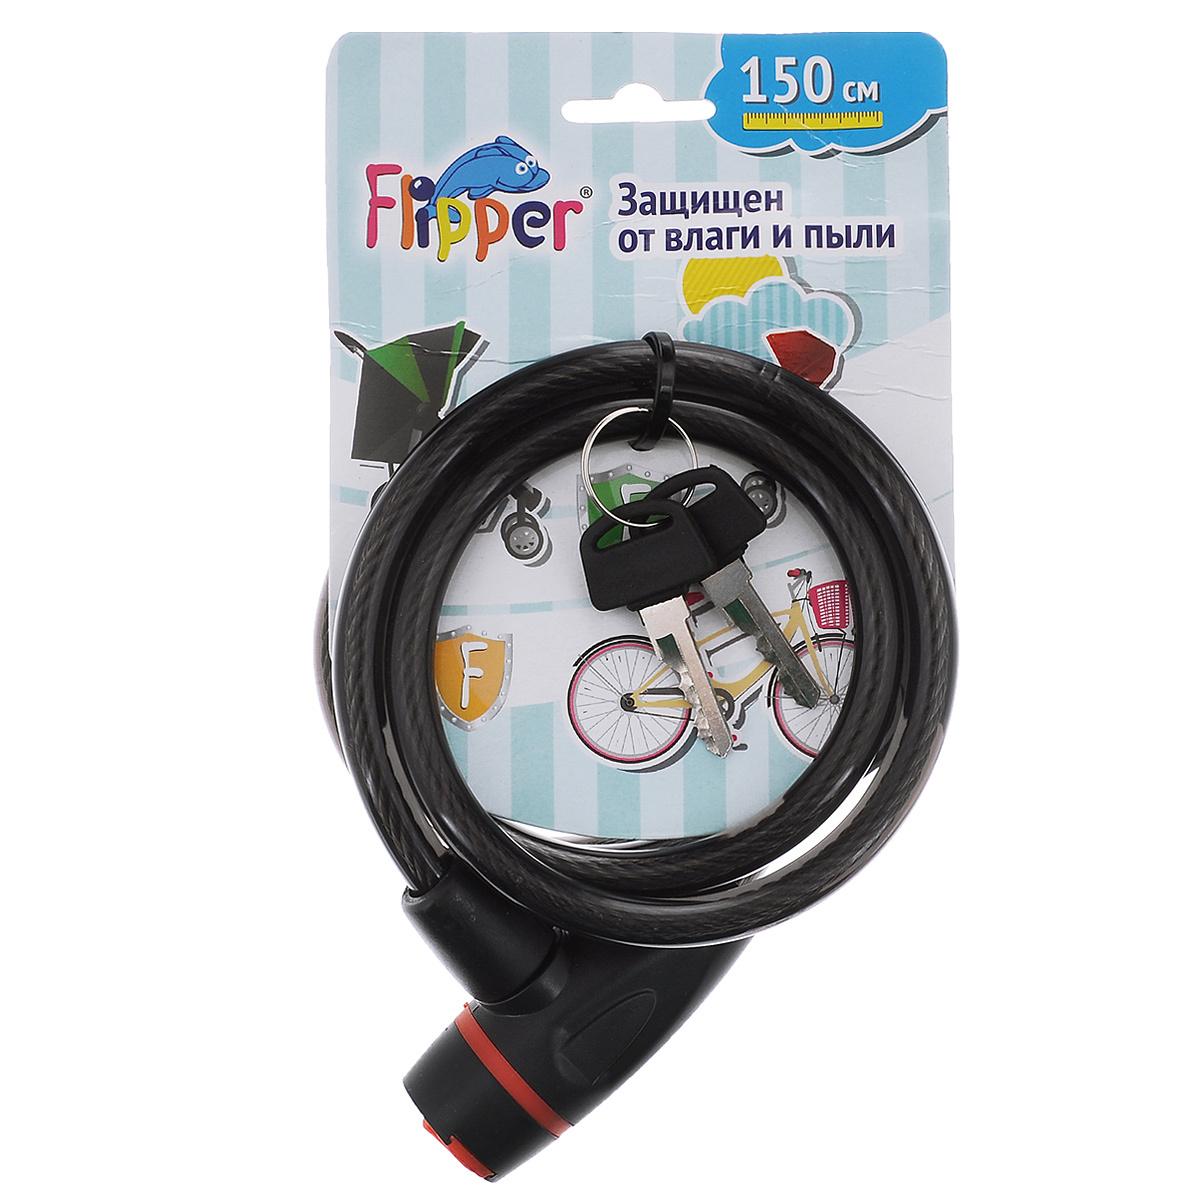 """Замок для колясок Roxy-kids """"Flipper"""", с защитной крышкой, цвет: черный, 150 см  #1"""